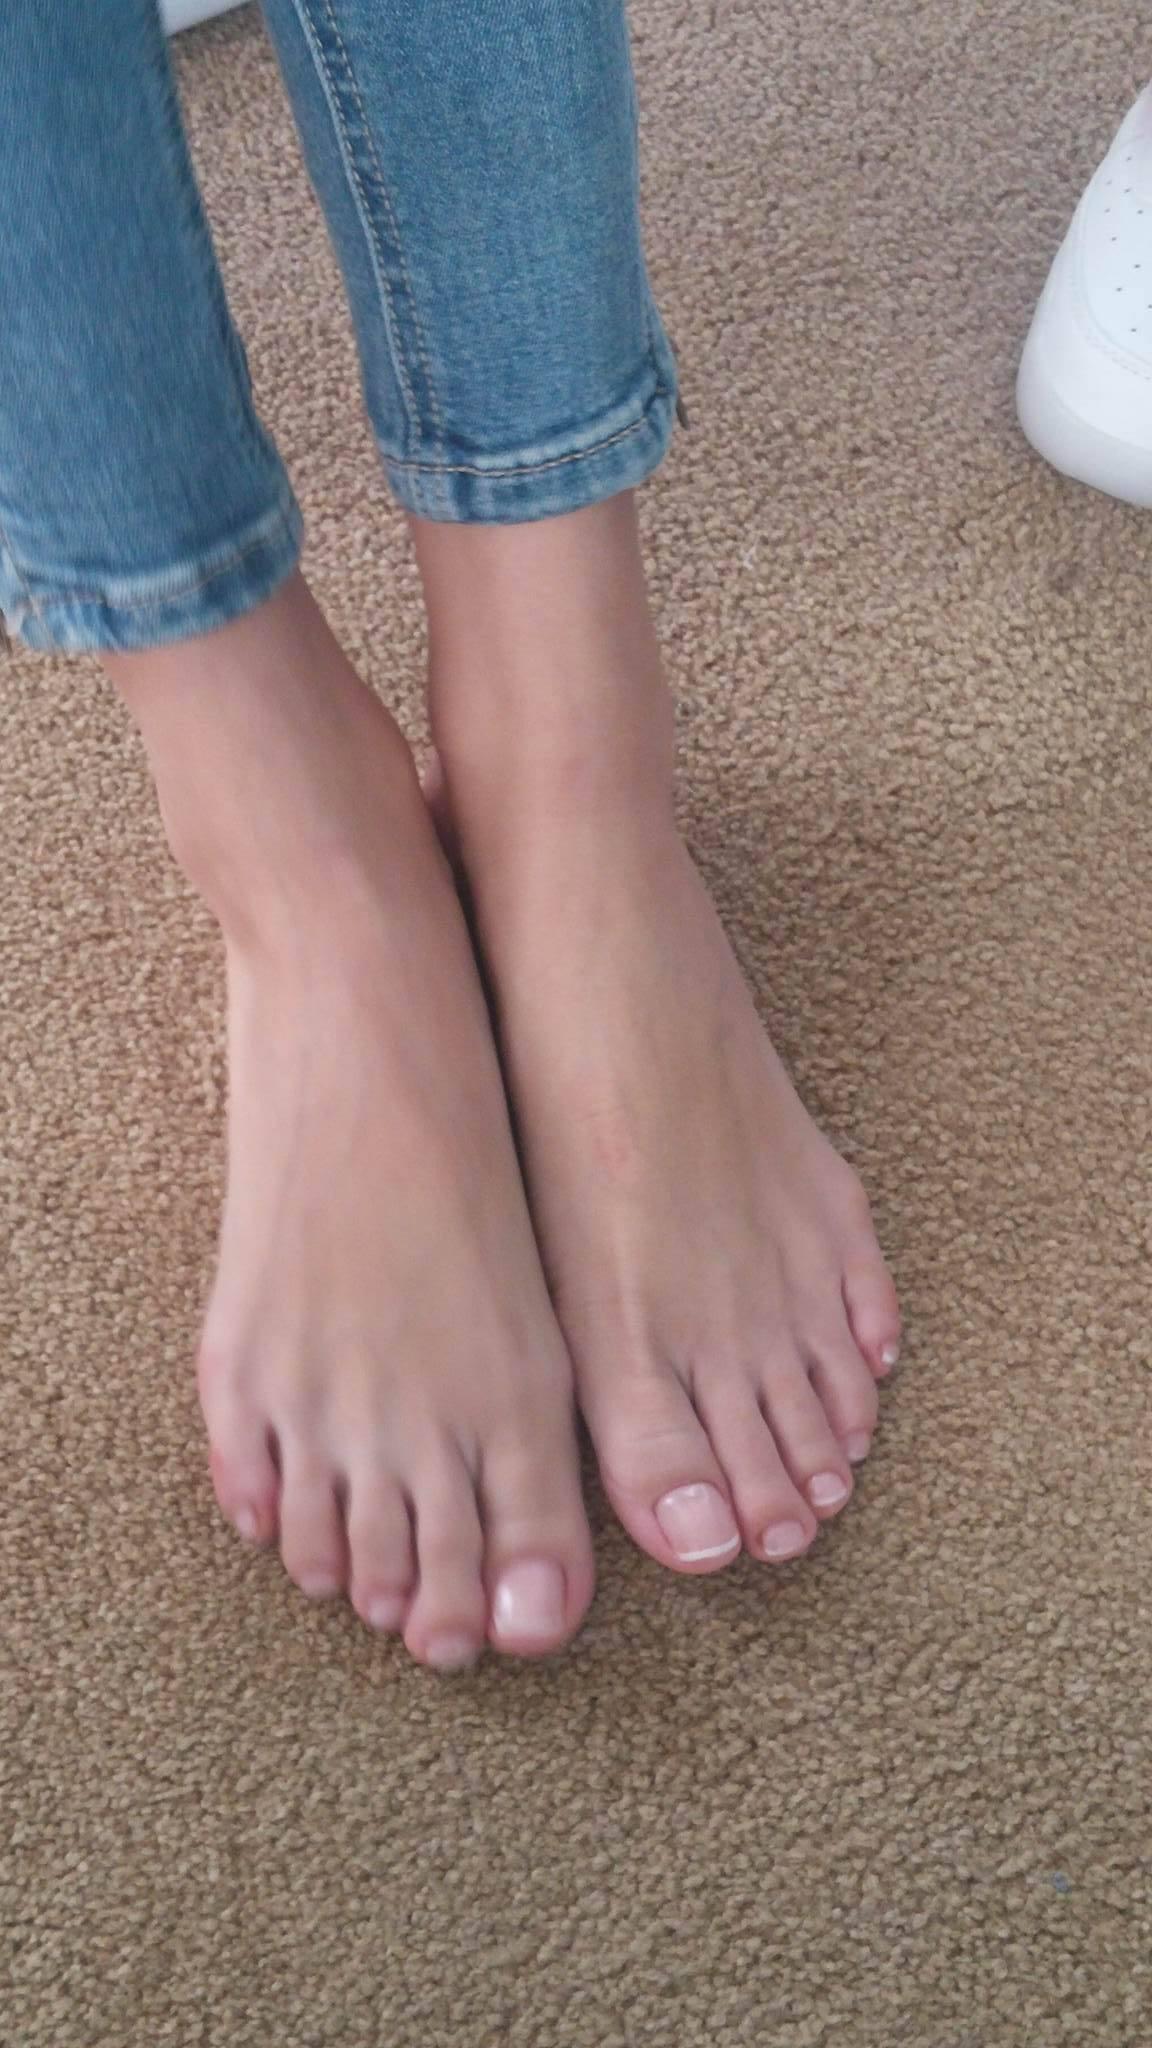 AdrennaLyne on Twitter: Somebody into #footfetish? RT if